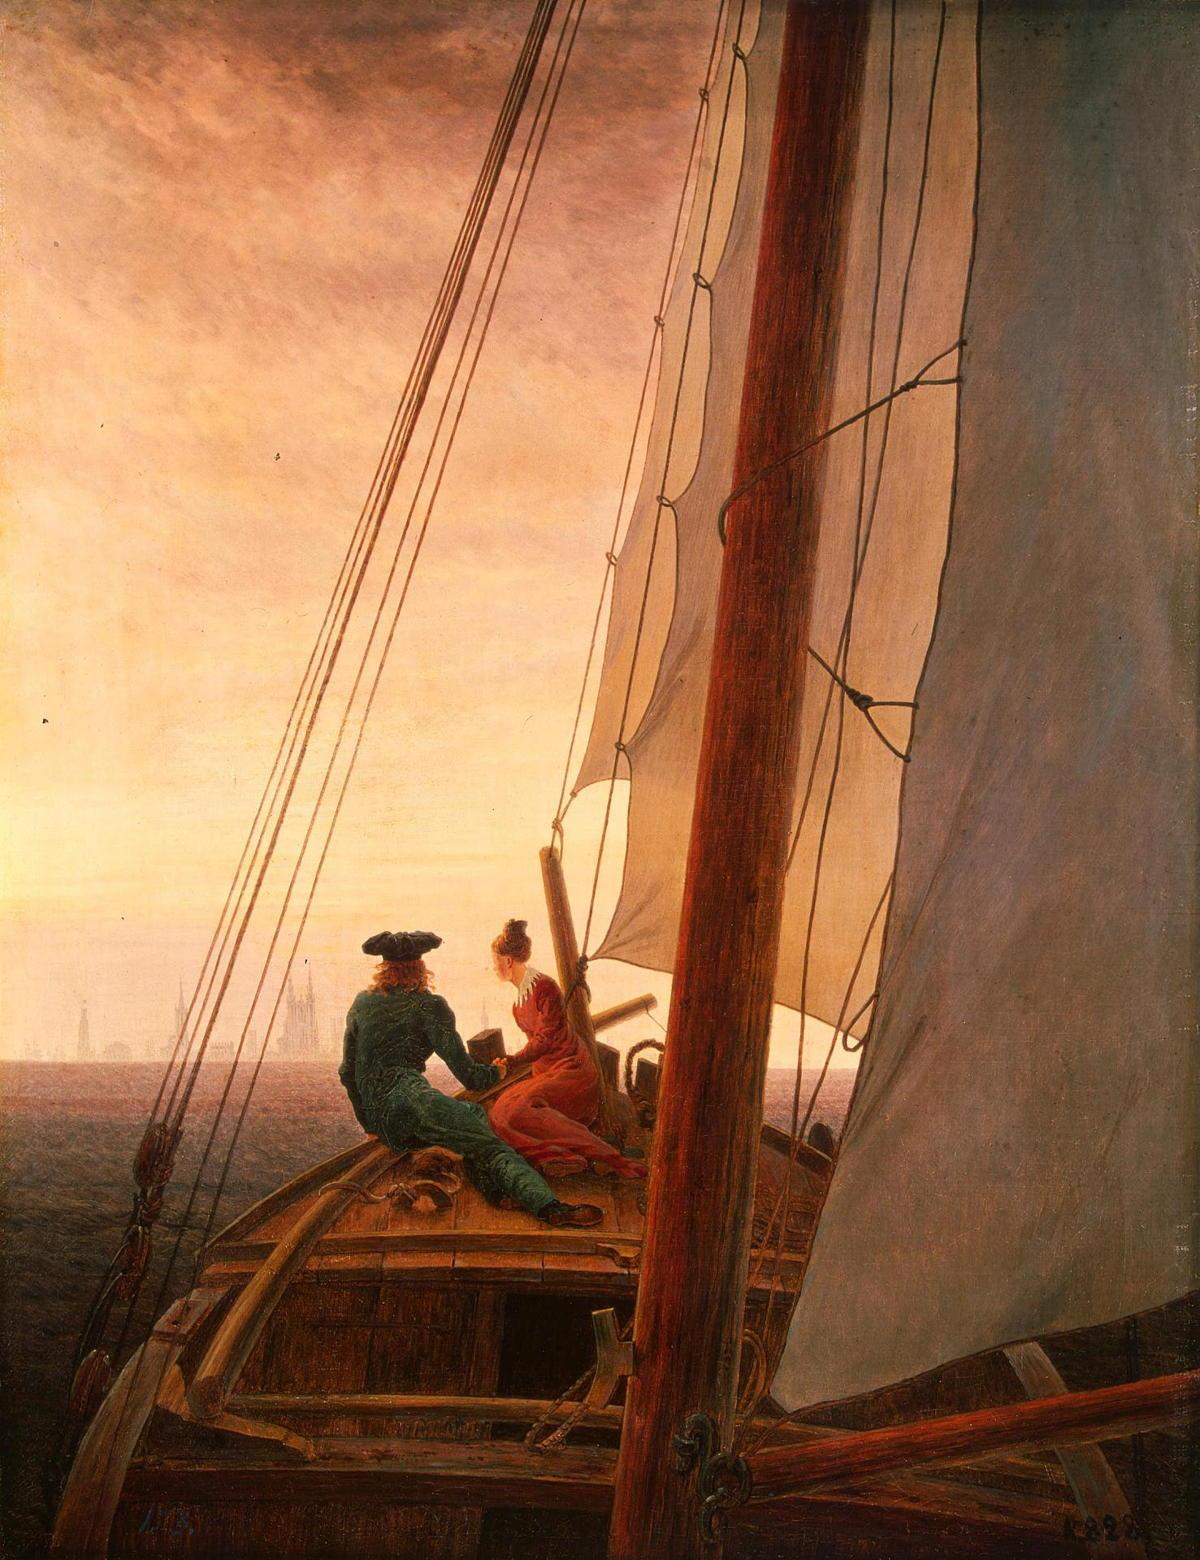 On board a Sailing Ship by Caspar David Friedrich